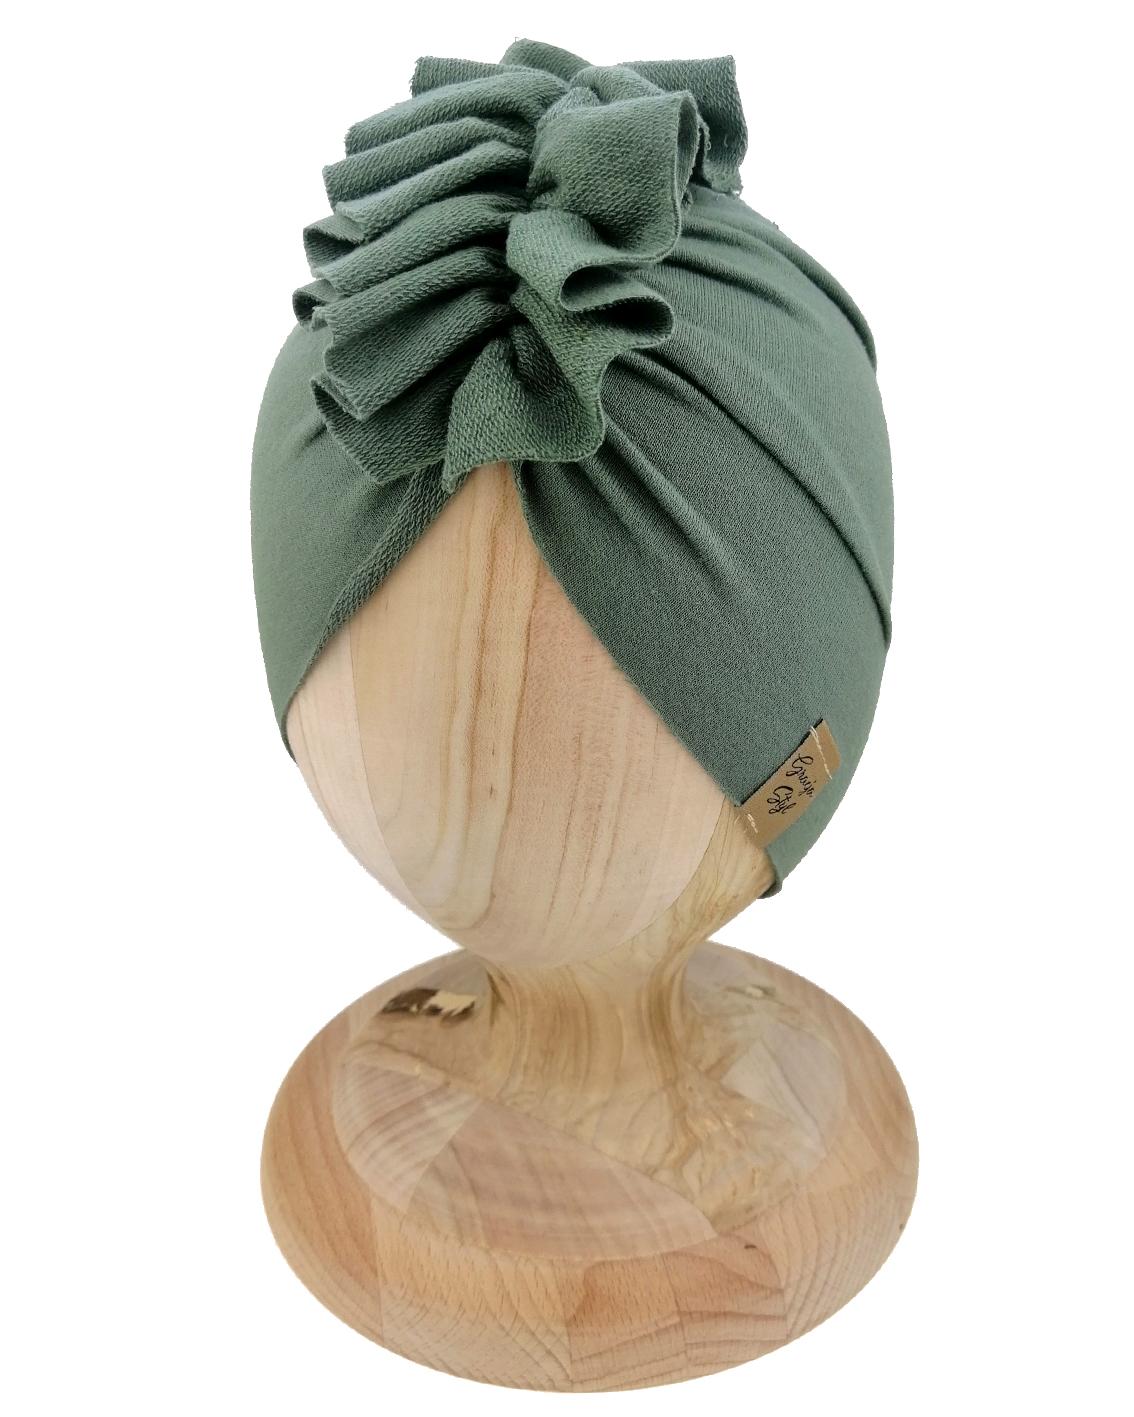 Czapka turban dziecięca marki Gracja styl. Kolor khaki. Produkt polski wykonany z bawełny pętelkowej typu dresówka.